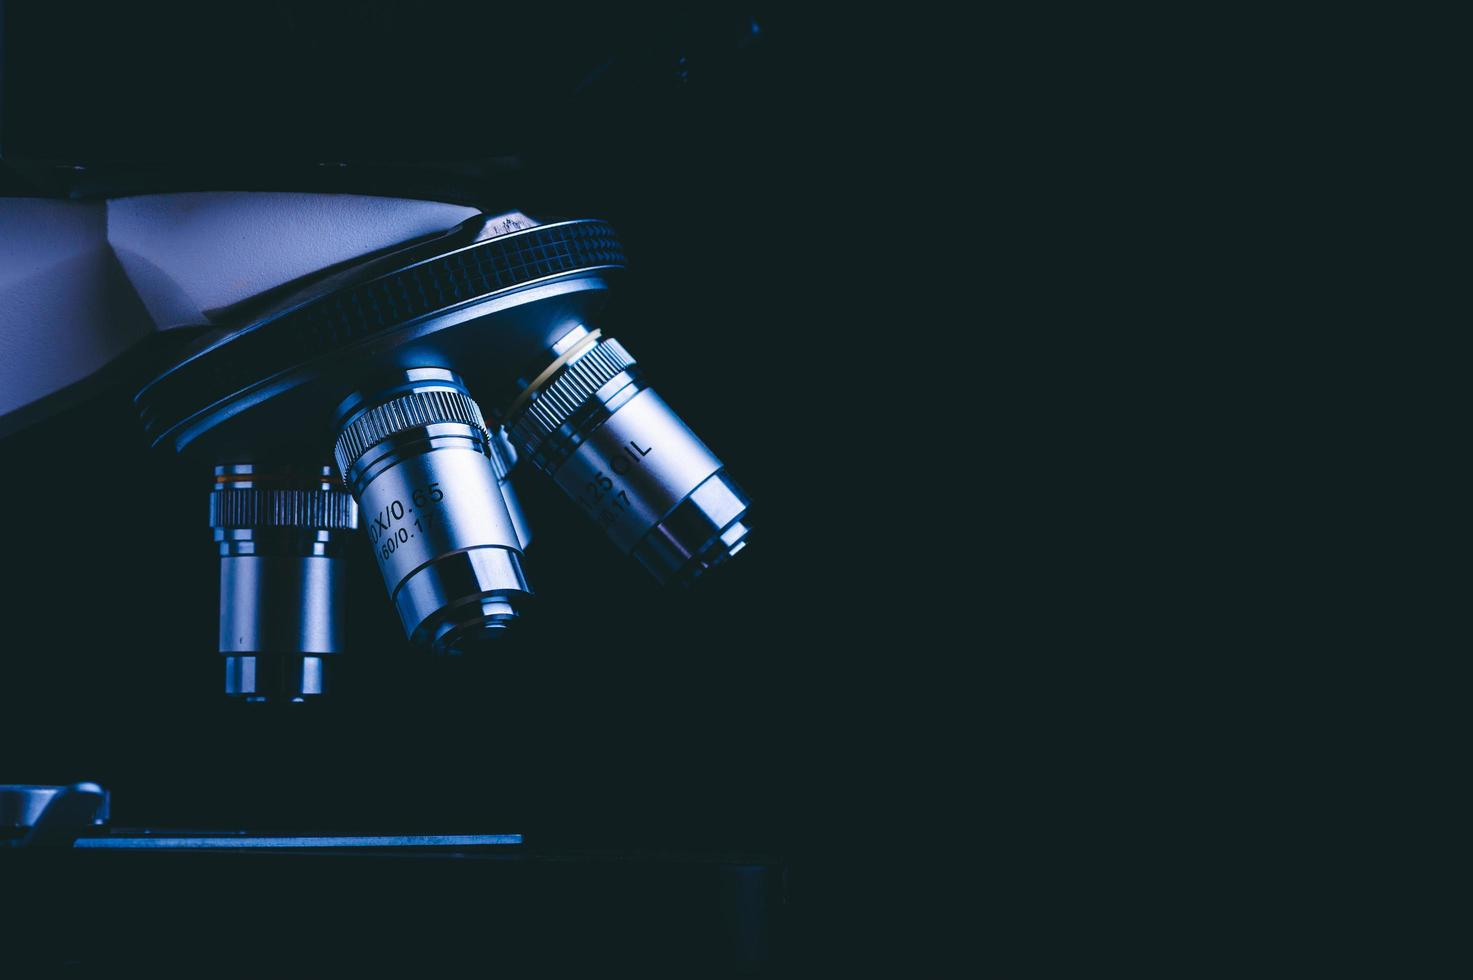 närbild av mikroskoplinser på blackground foto